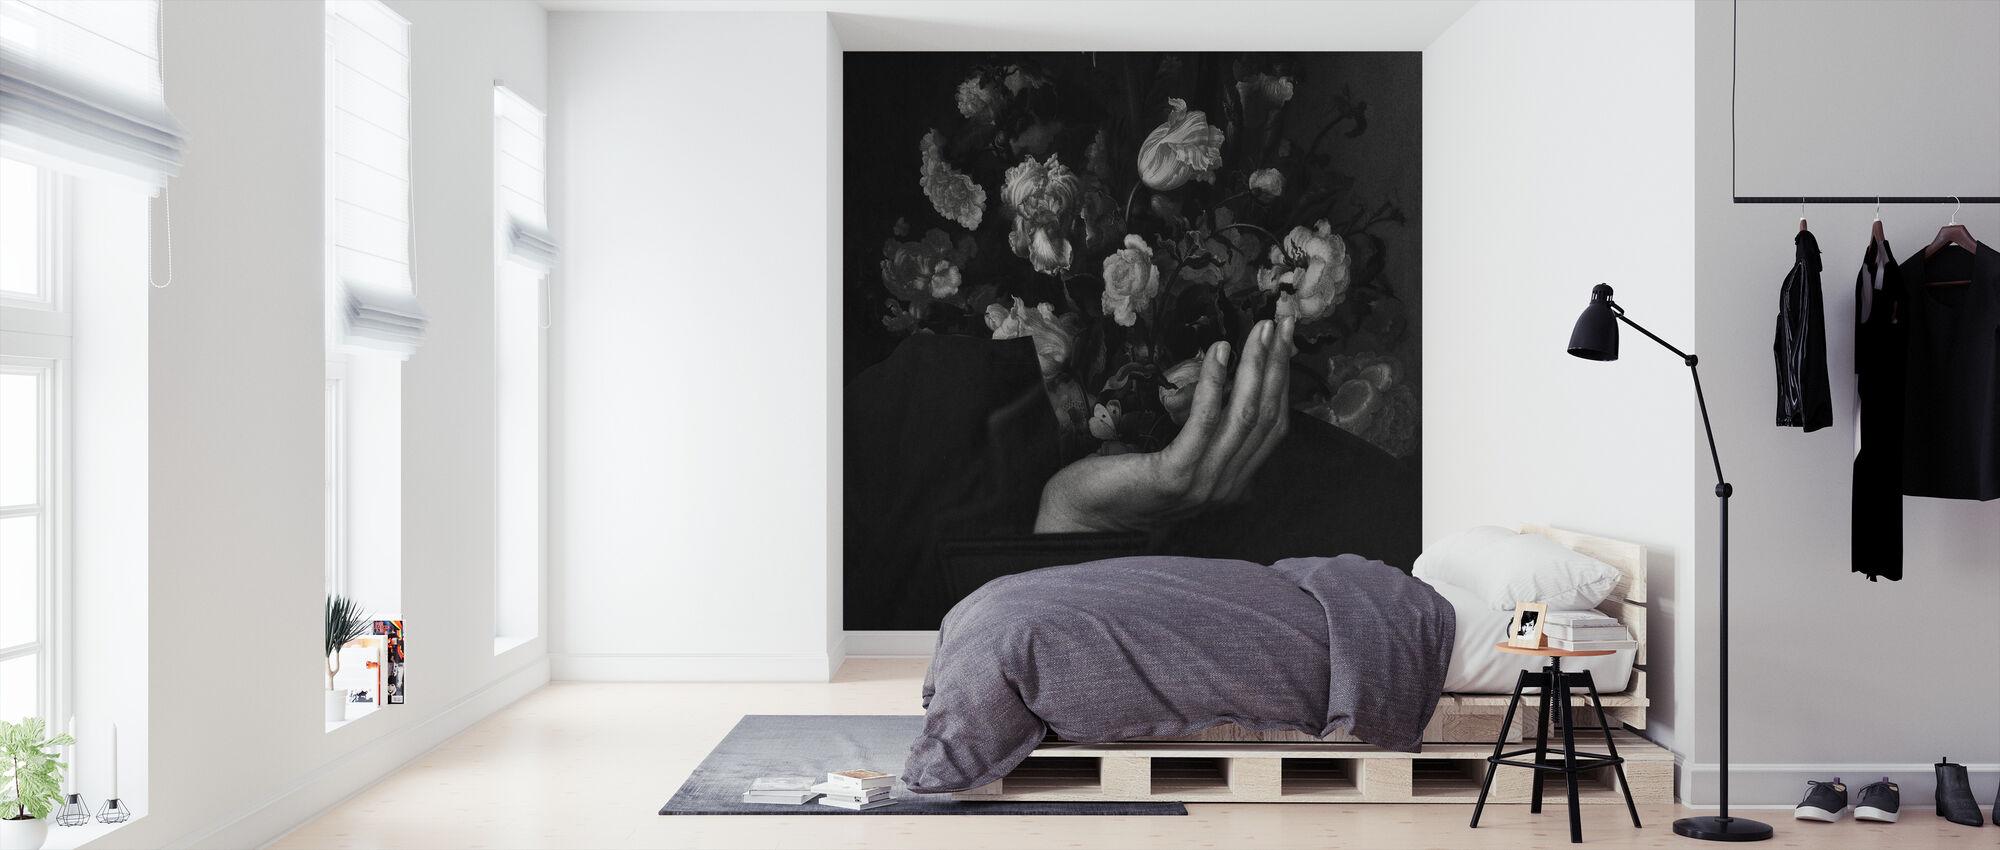 In Bloom II - Wallpaper - Bedroom